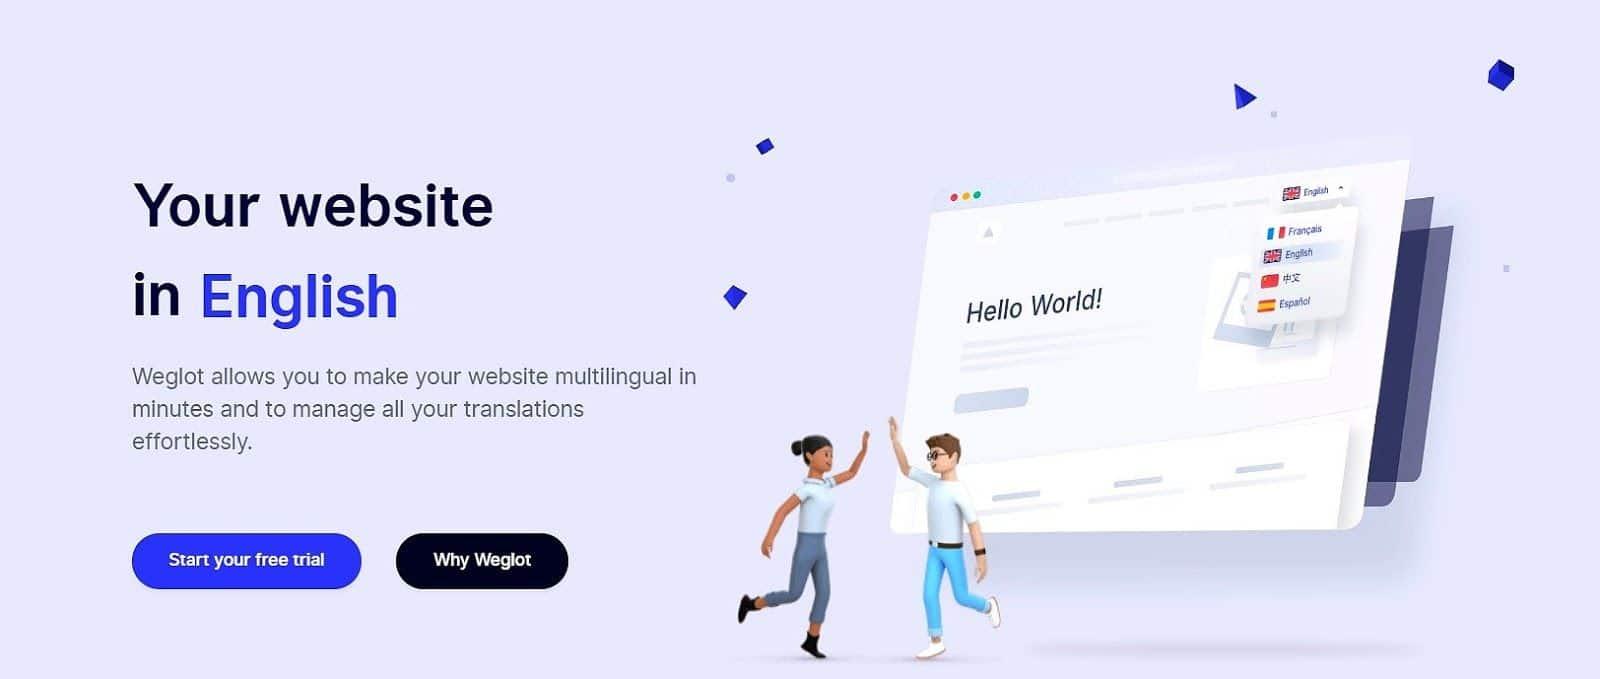 Plugin de traducción automática Weglot